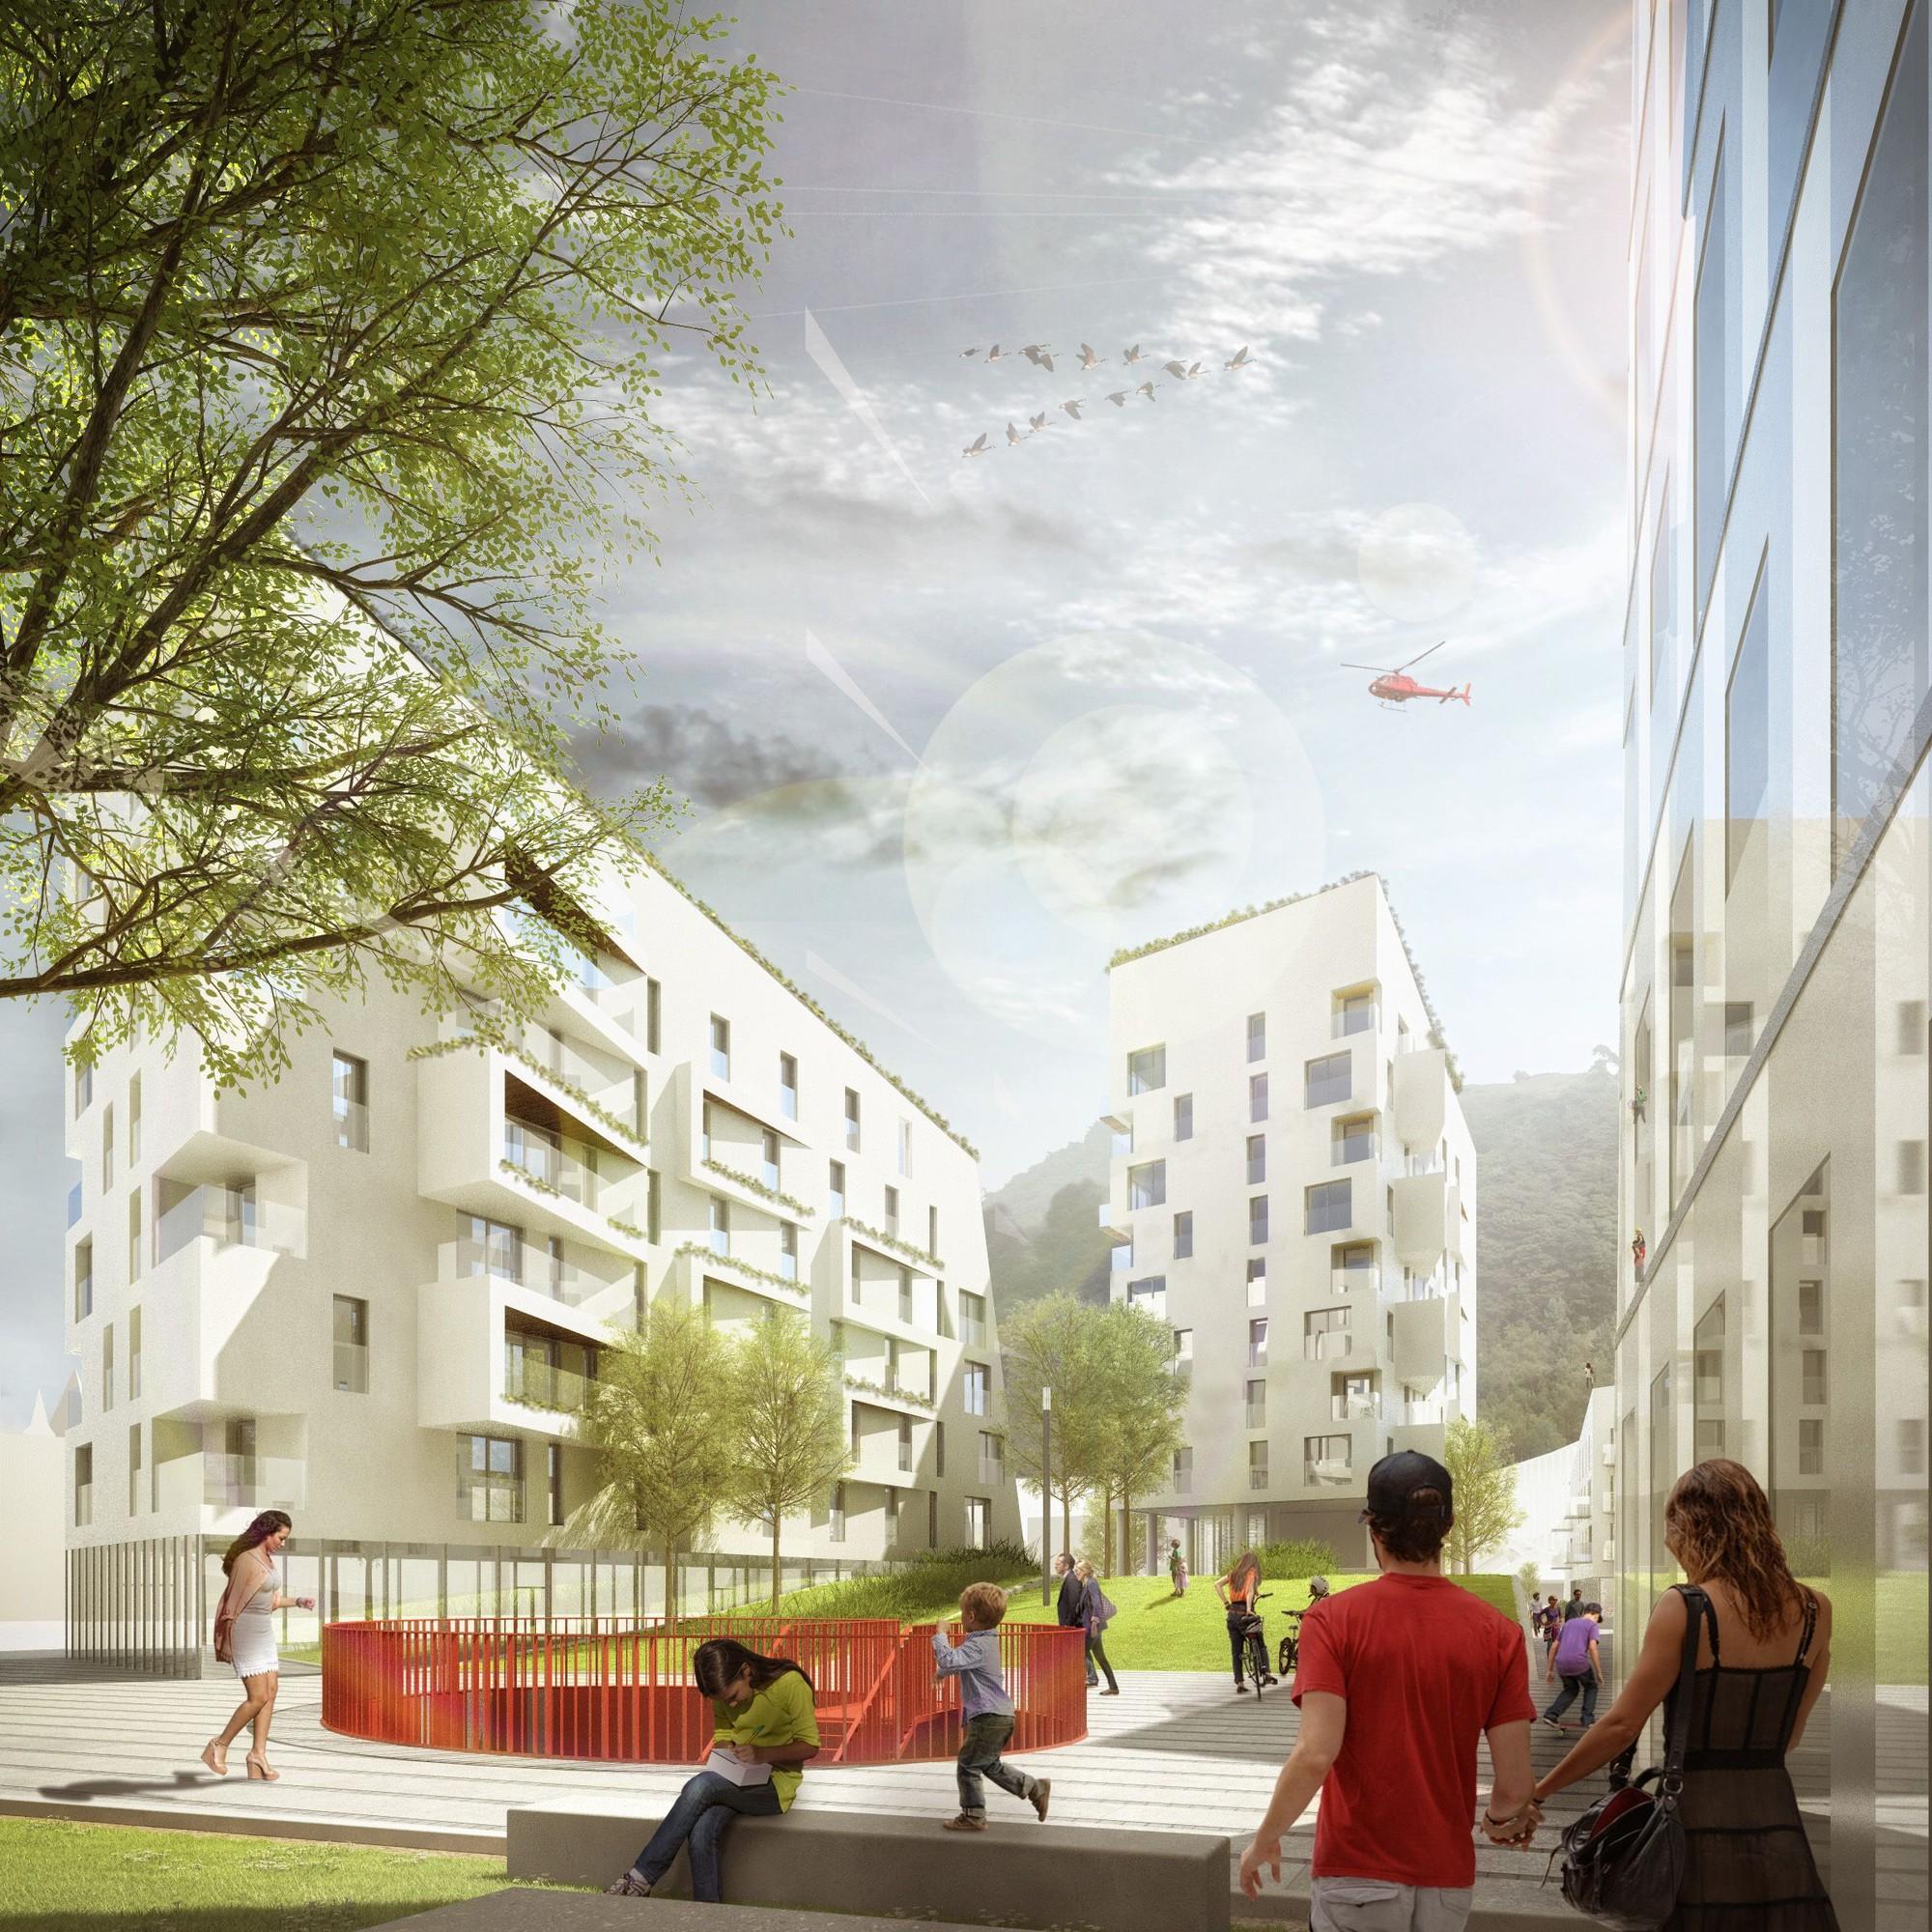 Plaza pública. Imagen cortesía de A2M